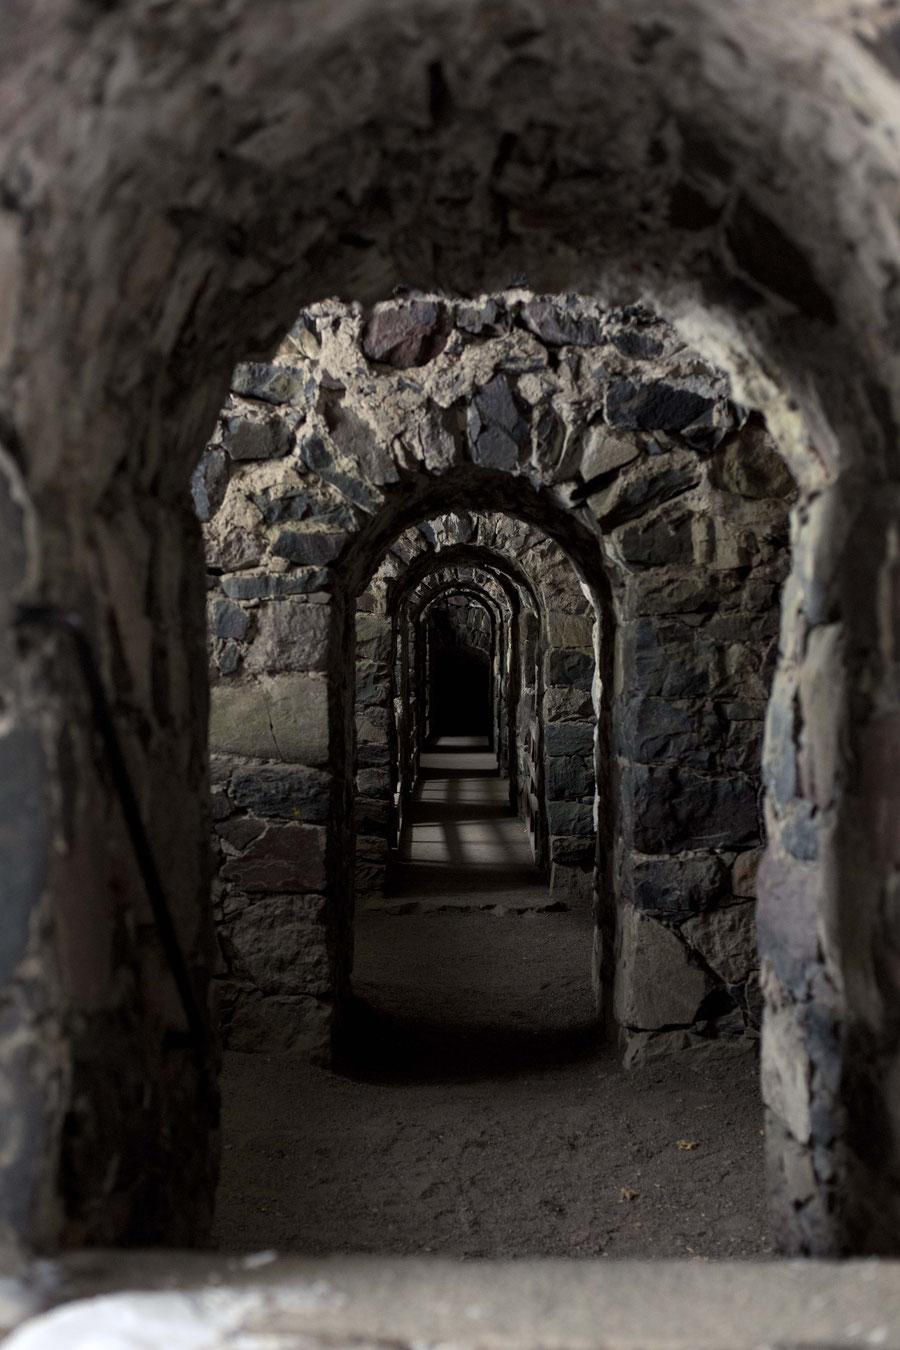 Mittelalterliche Festigungsanlage, Suomenlinnea, Helsinki, Finnland